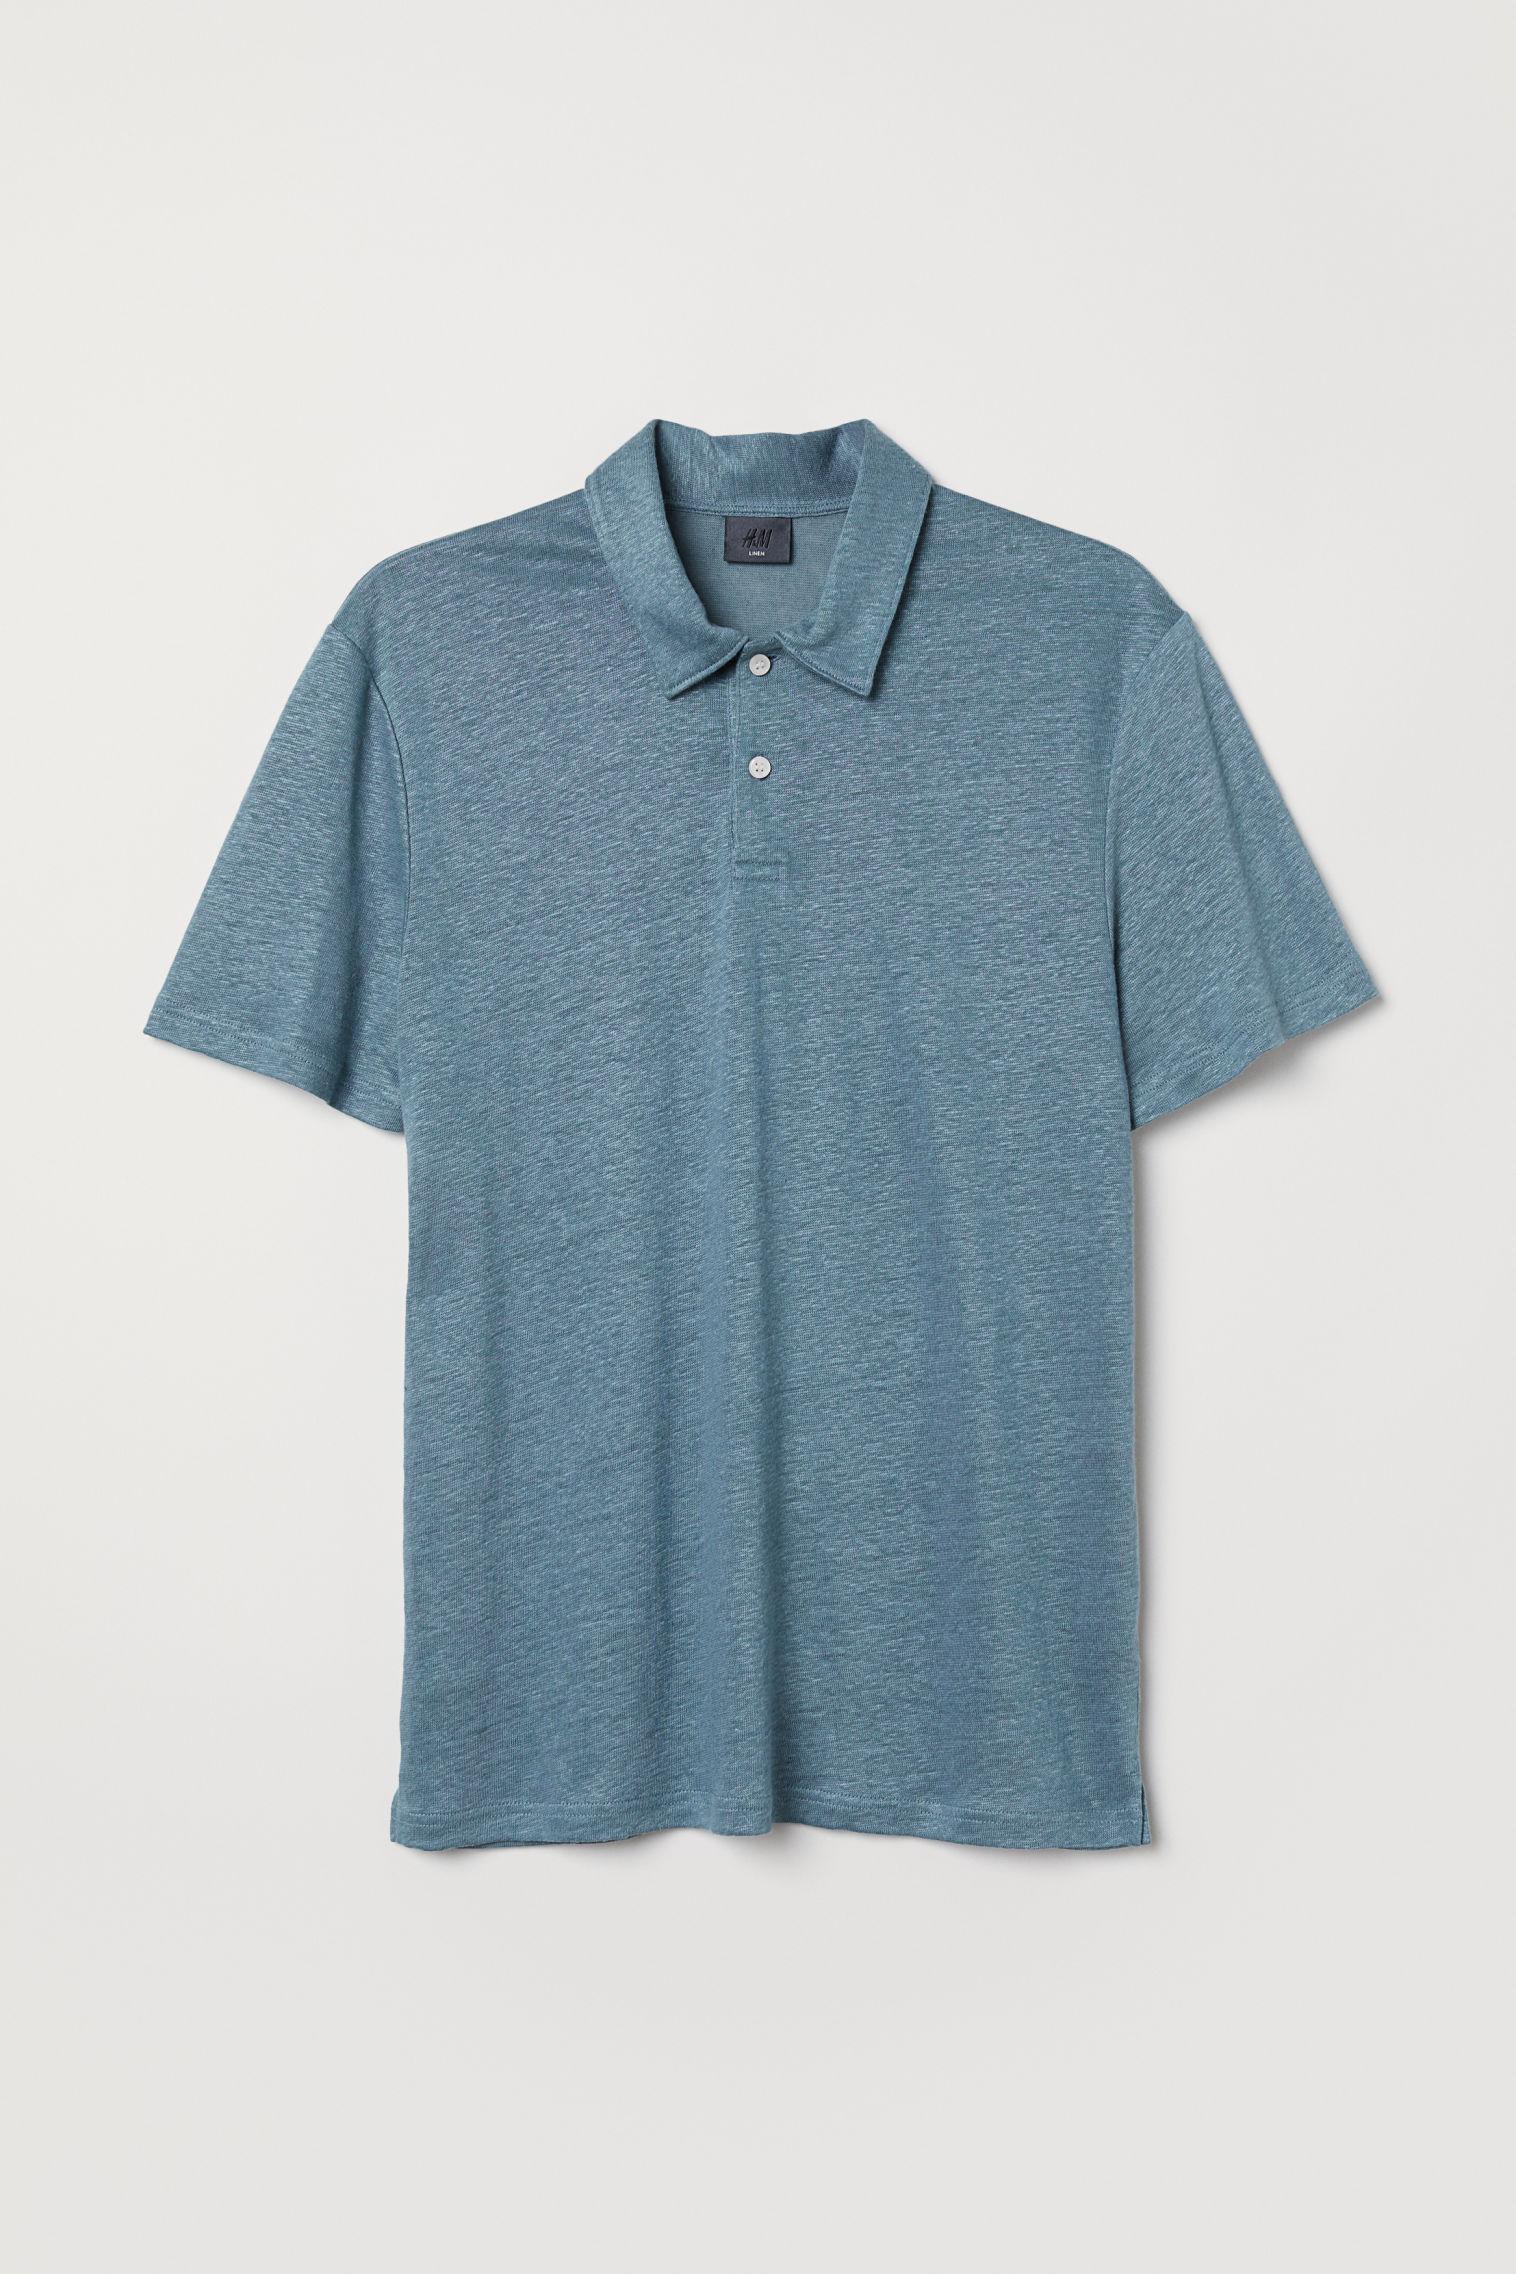 Linen Blend Polo Shirt Hm Ksa